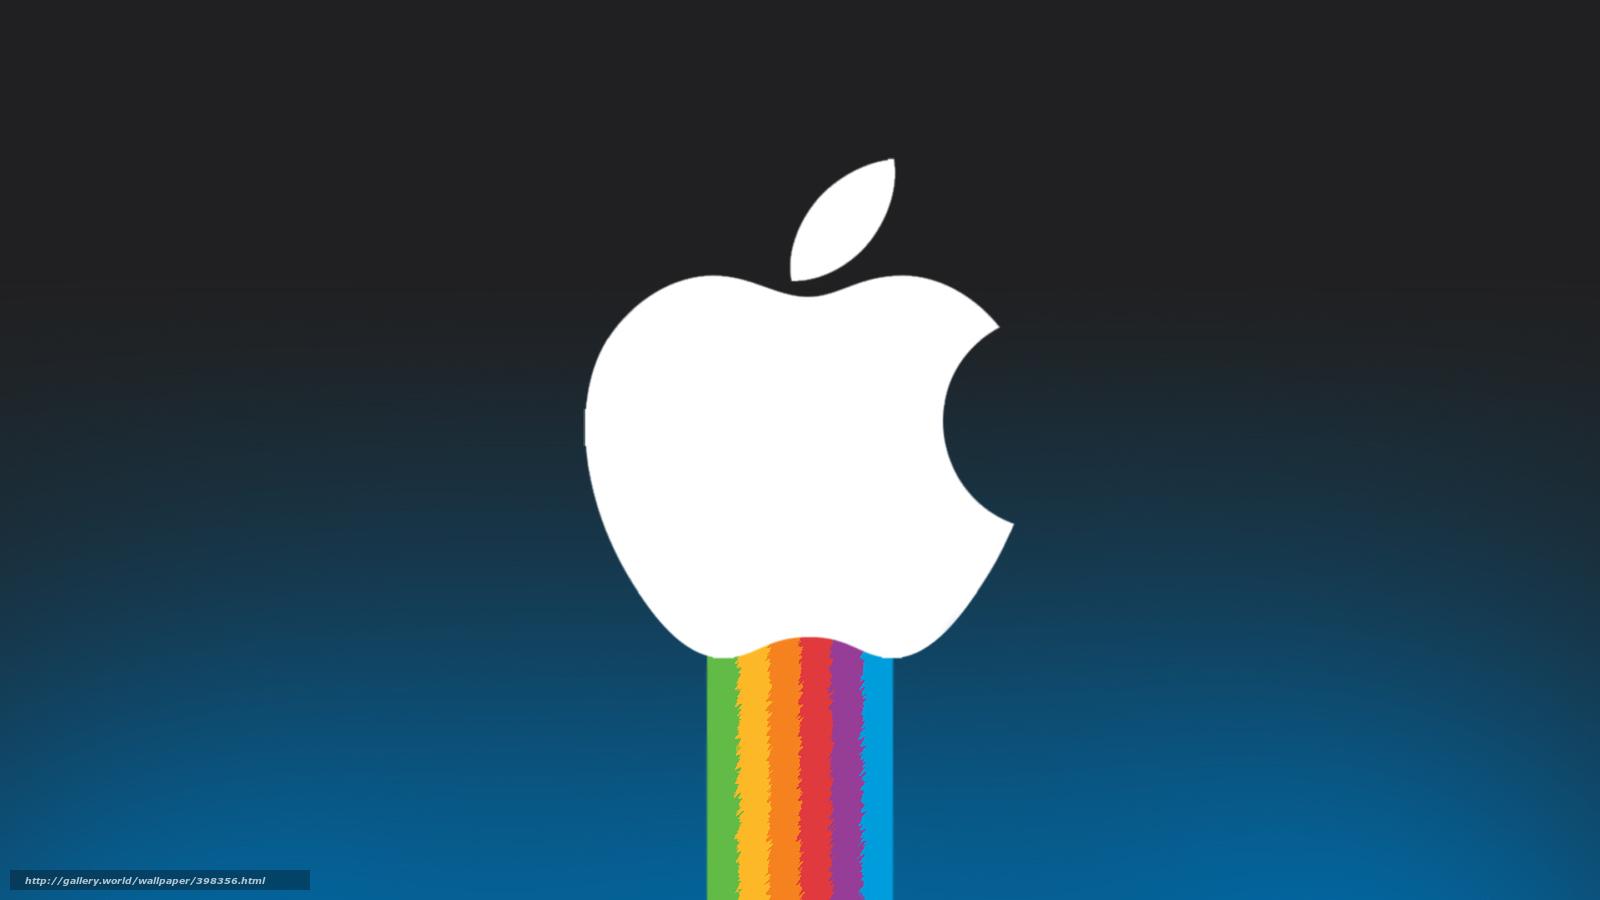 Скачать обои яблоко радуга hi tech